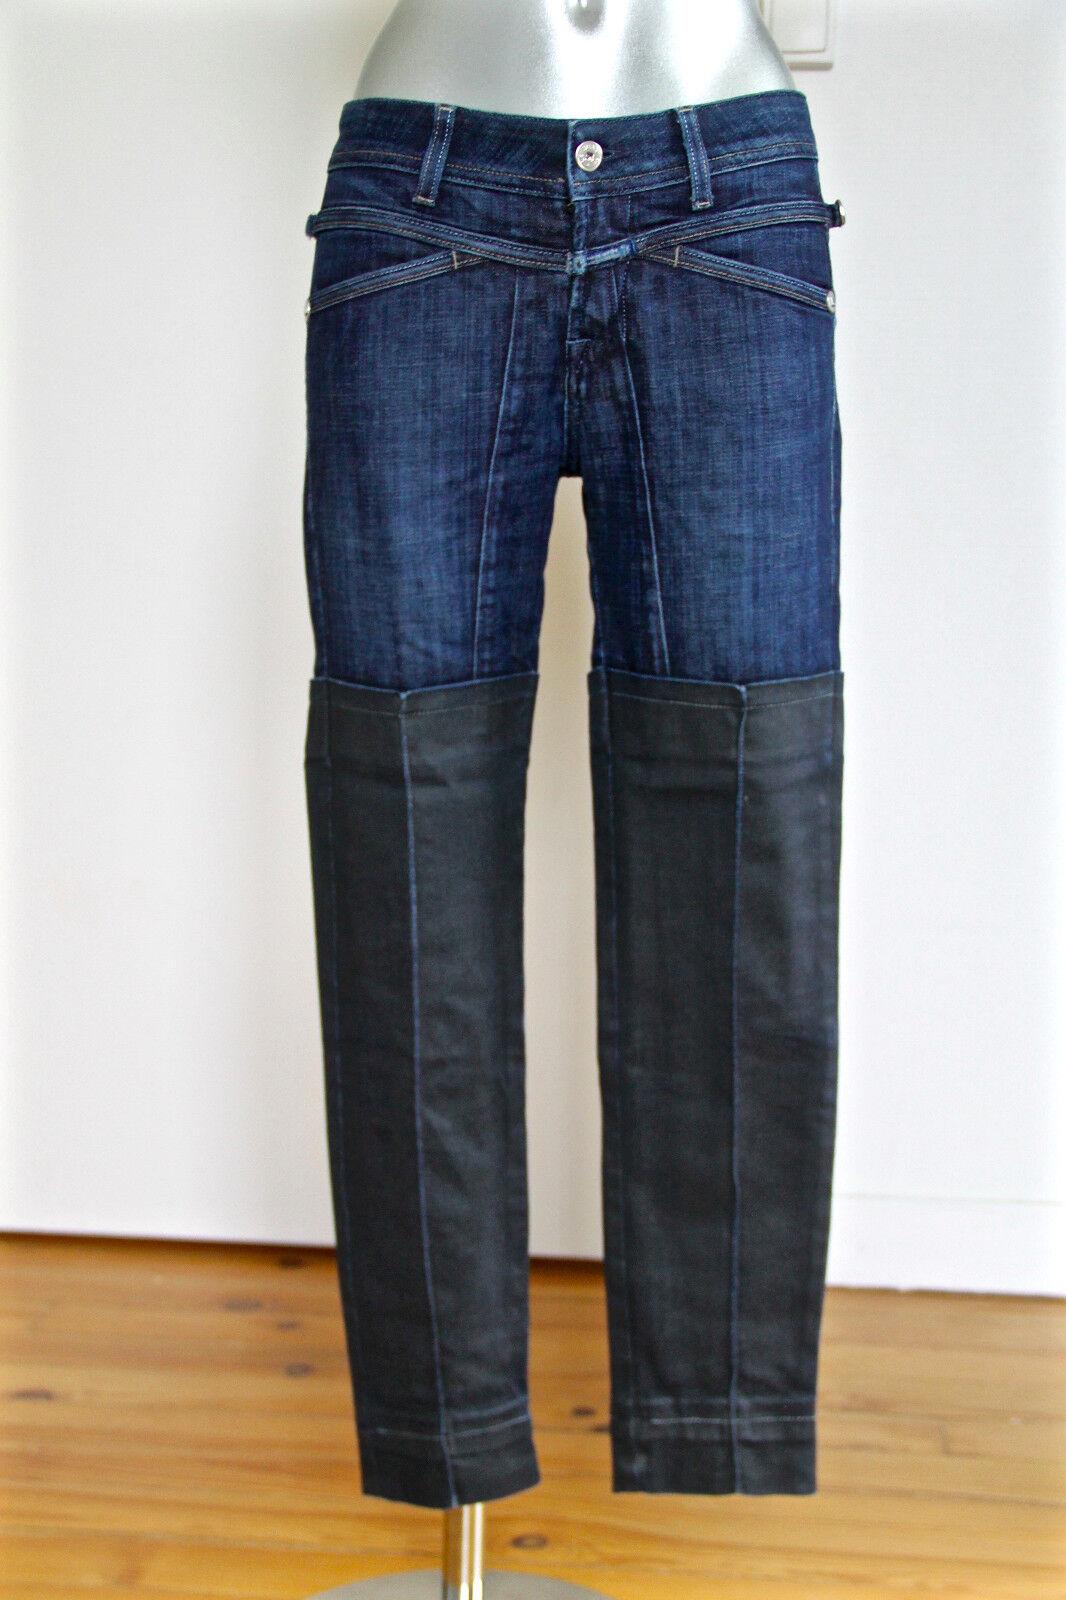 Bonito jeans 3 4 bi materiales engrasado denim M Y F GIRBAUD W28